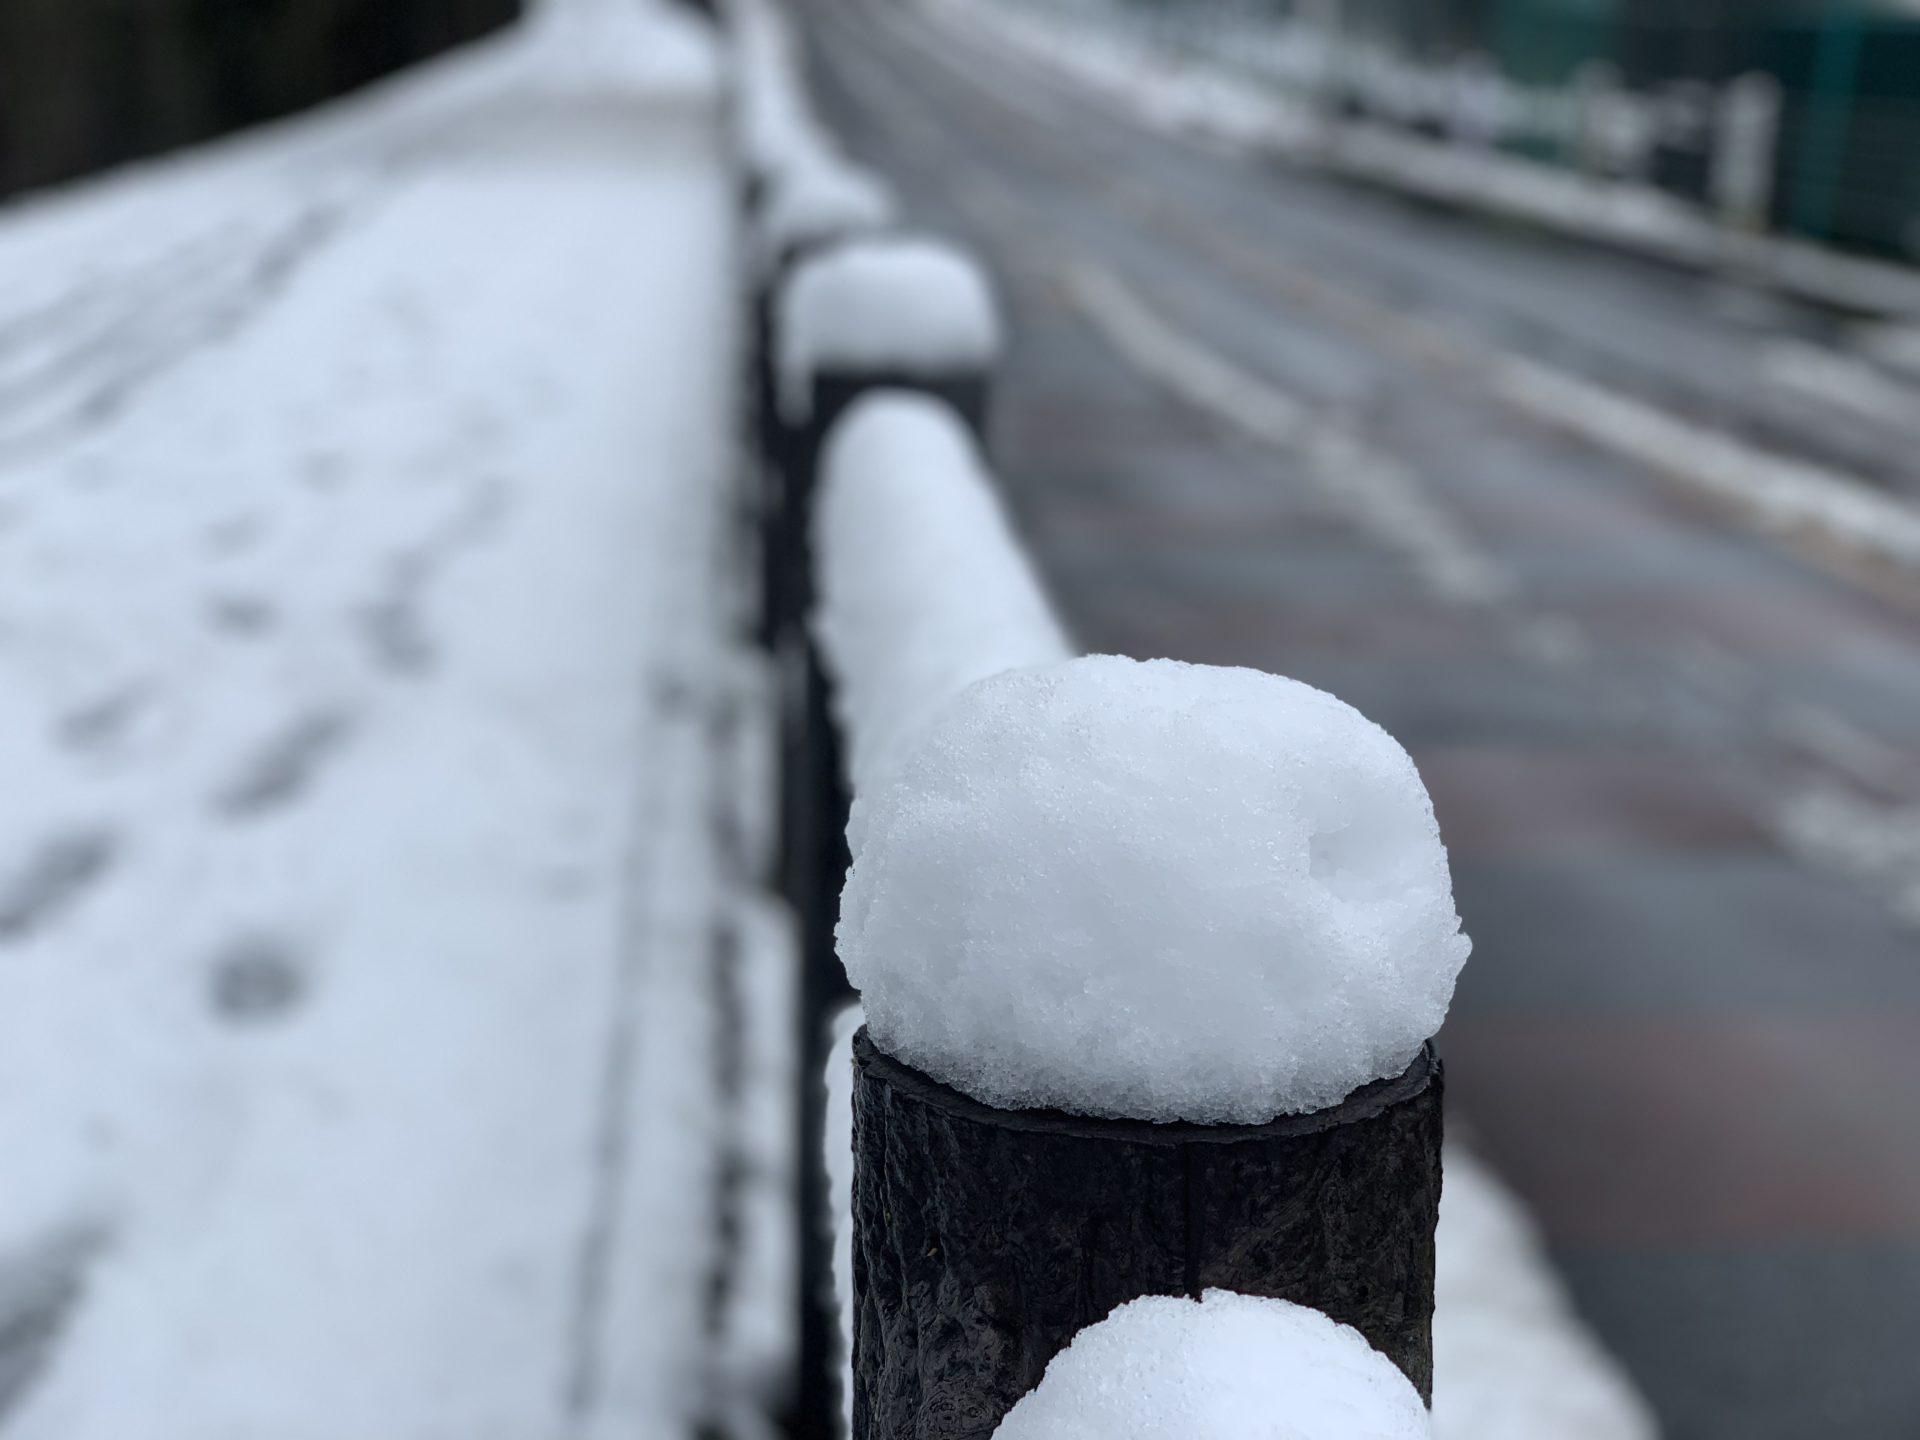 多摩湖自転車道に雪が降った